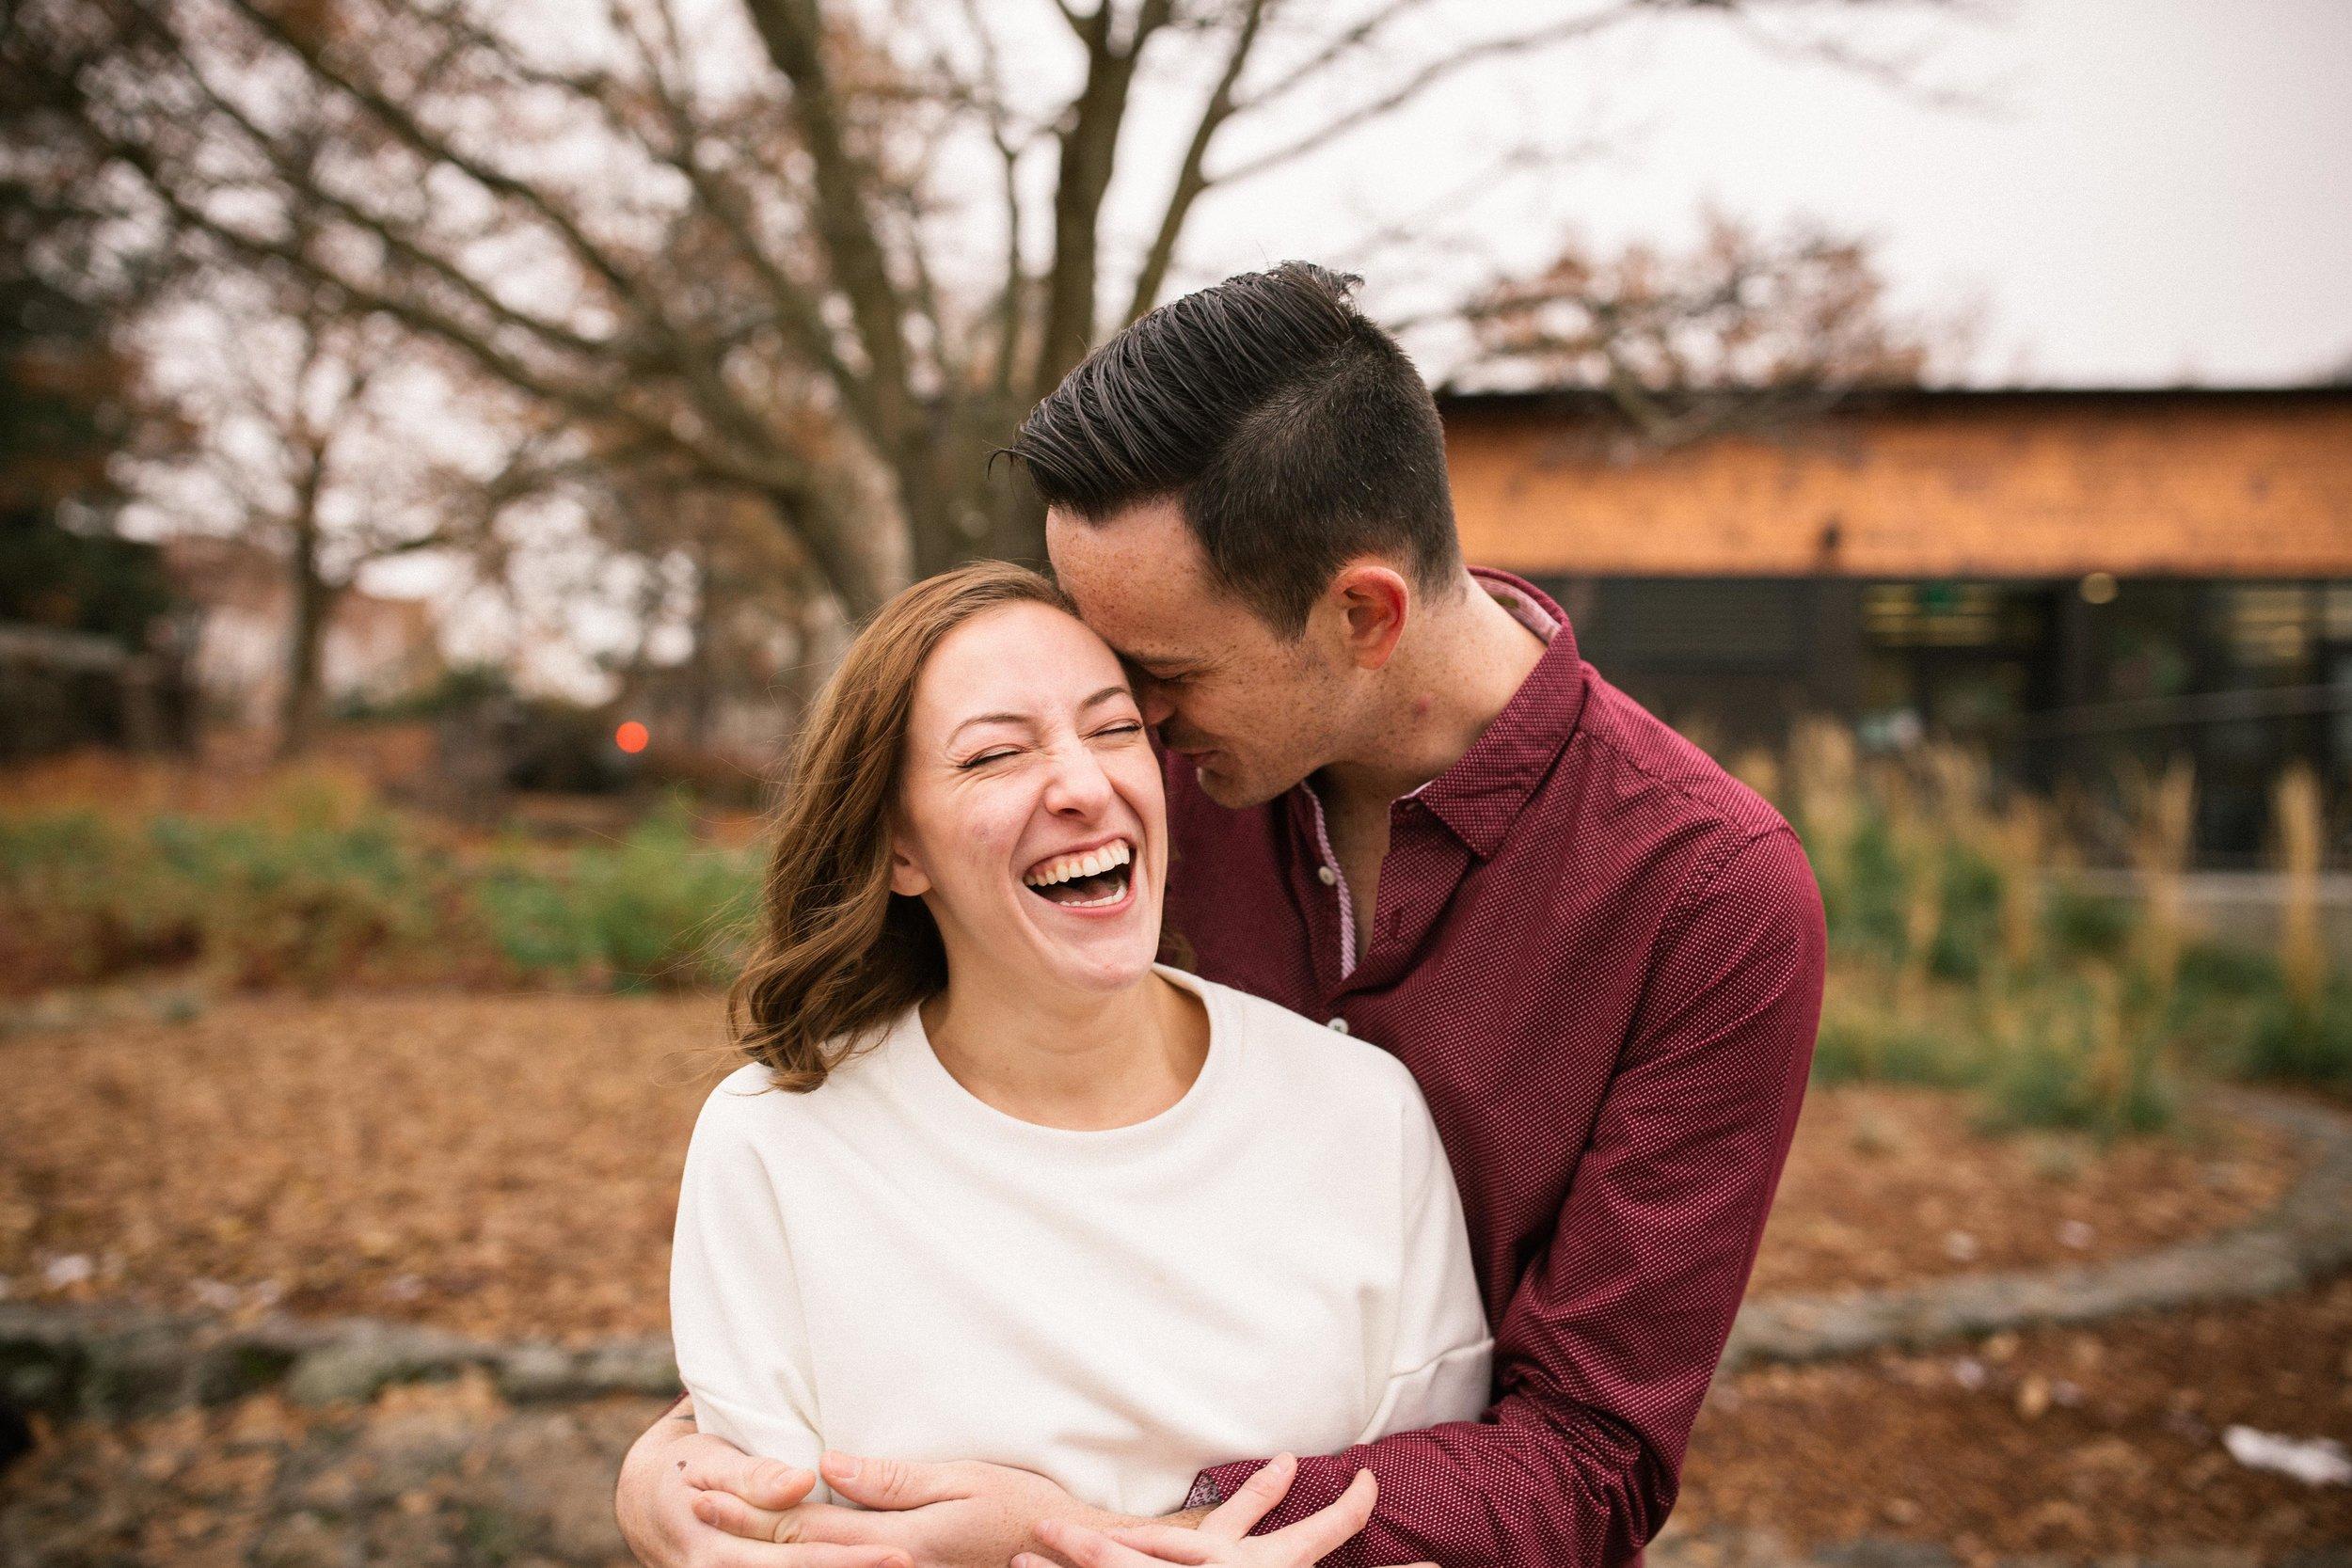 Izzy&Jacob-Engaged!BLOG-23.jpg